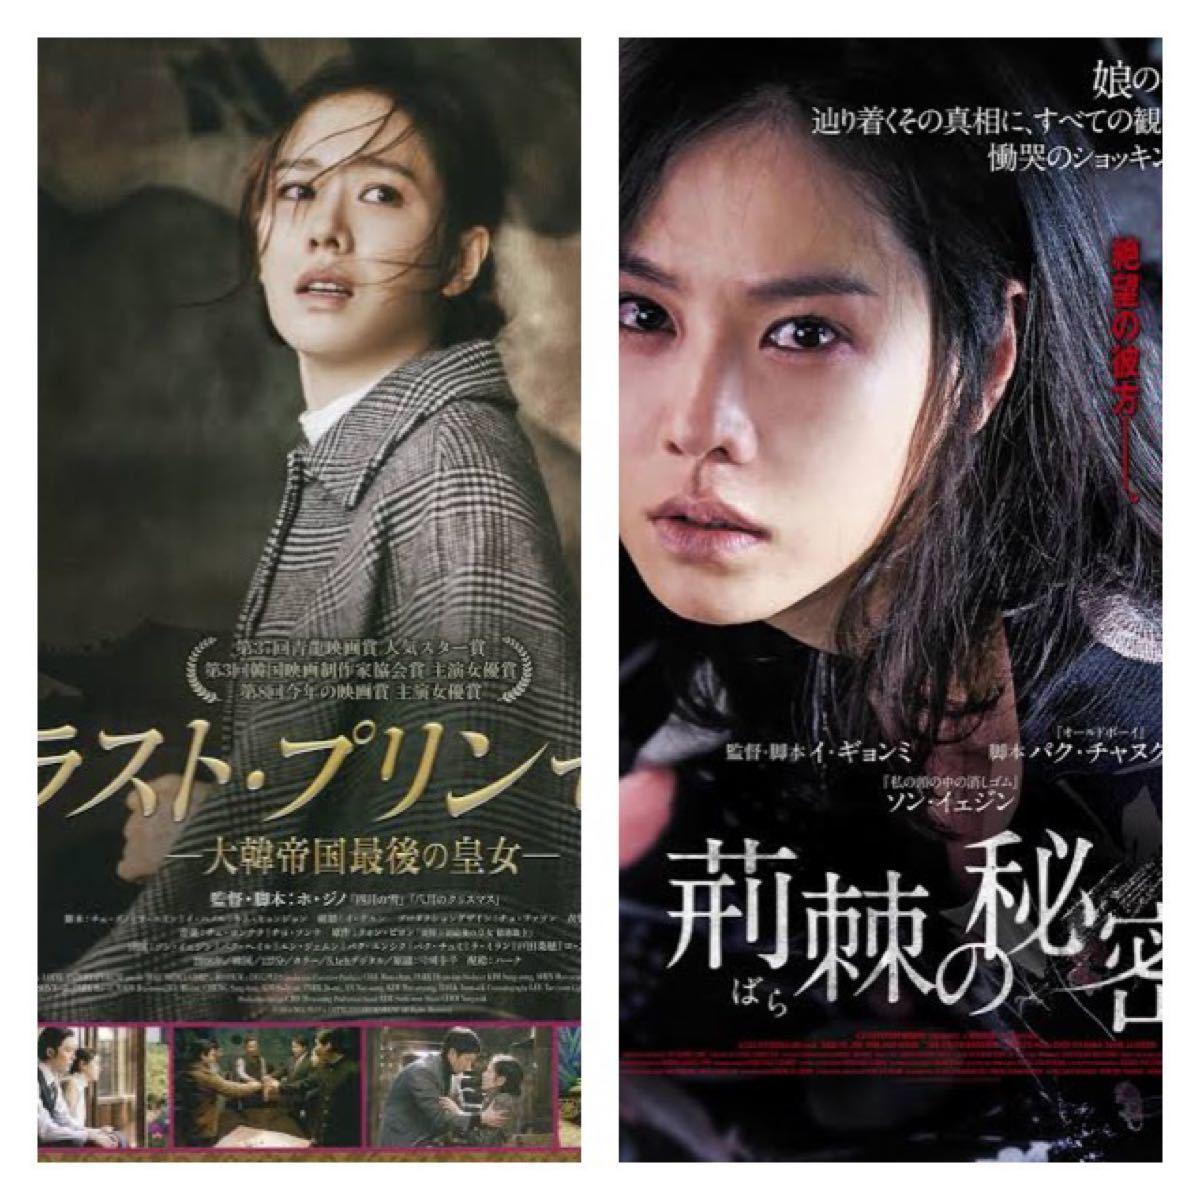 韓国映画DVD2枚セット【ソン・イェジン主演作品】